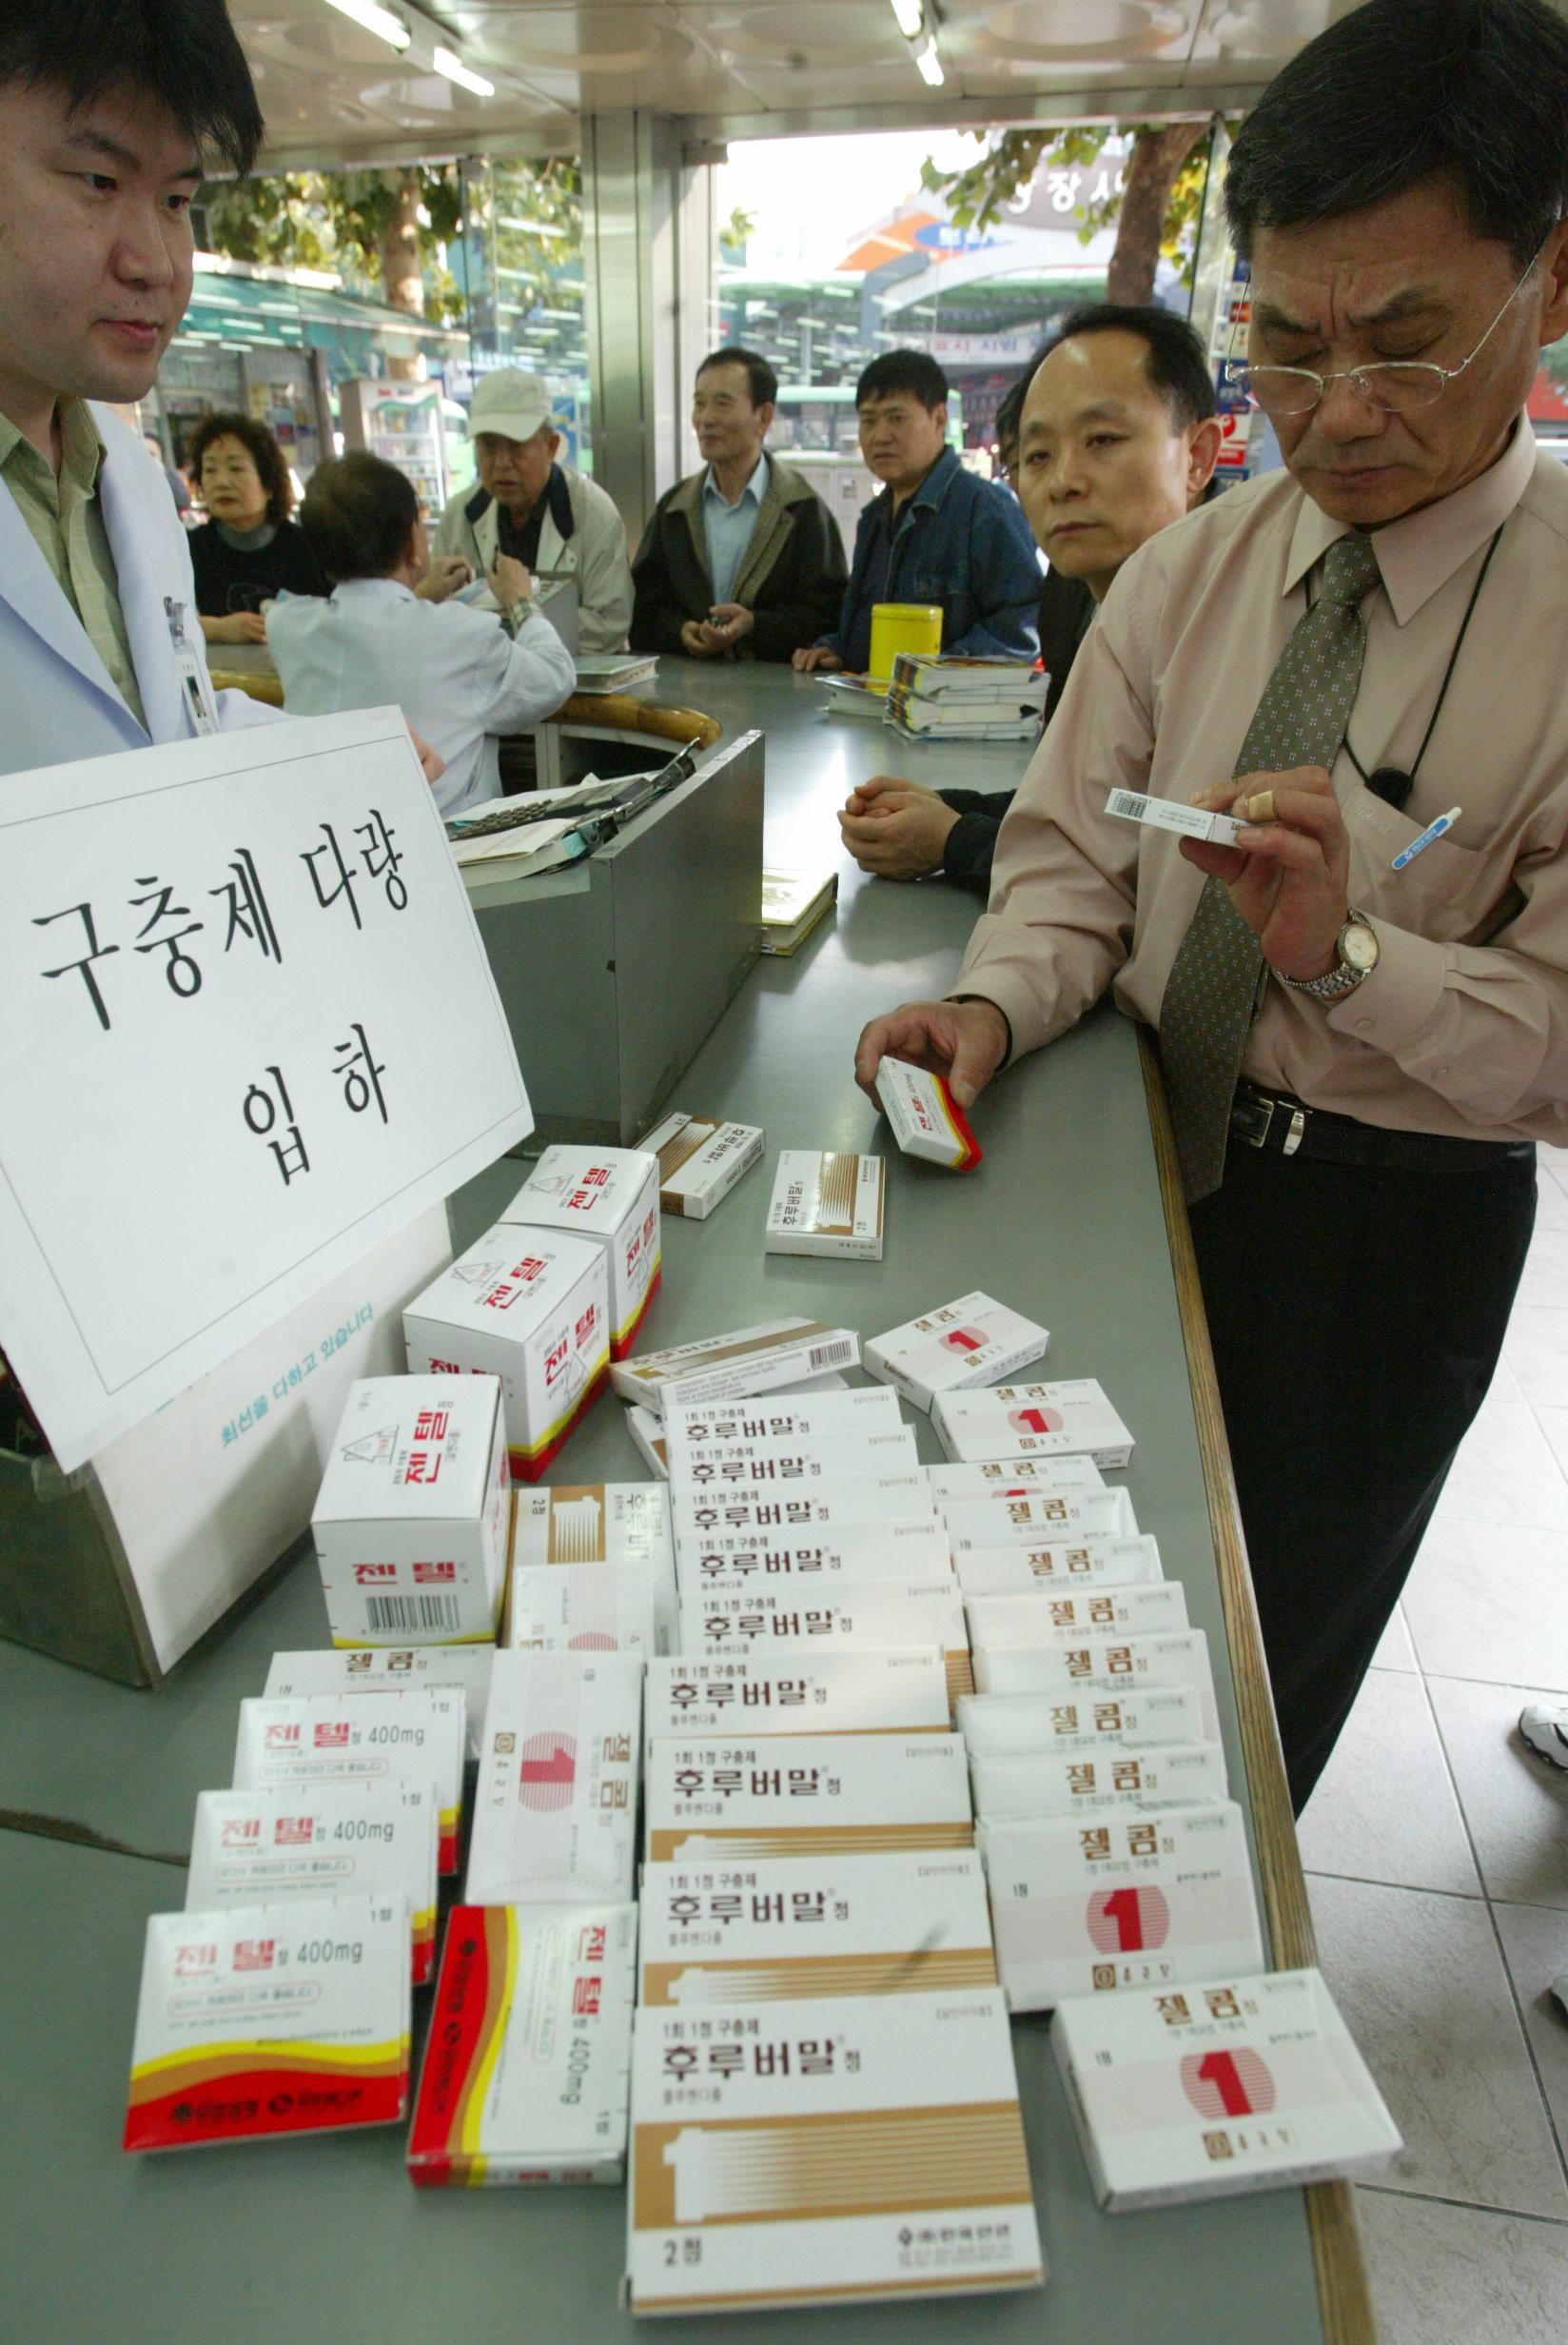 지난 2005년 11월 중국산 김치에 이어 일부 국산 김치에서도 기생충알이 검출됐다는 발표가 나오자 당시 약국에서 구충제를 구입하는 시민들이 급증하기도 했다. [중앙포토]